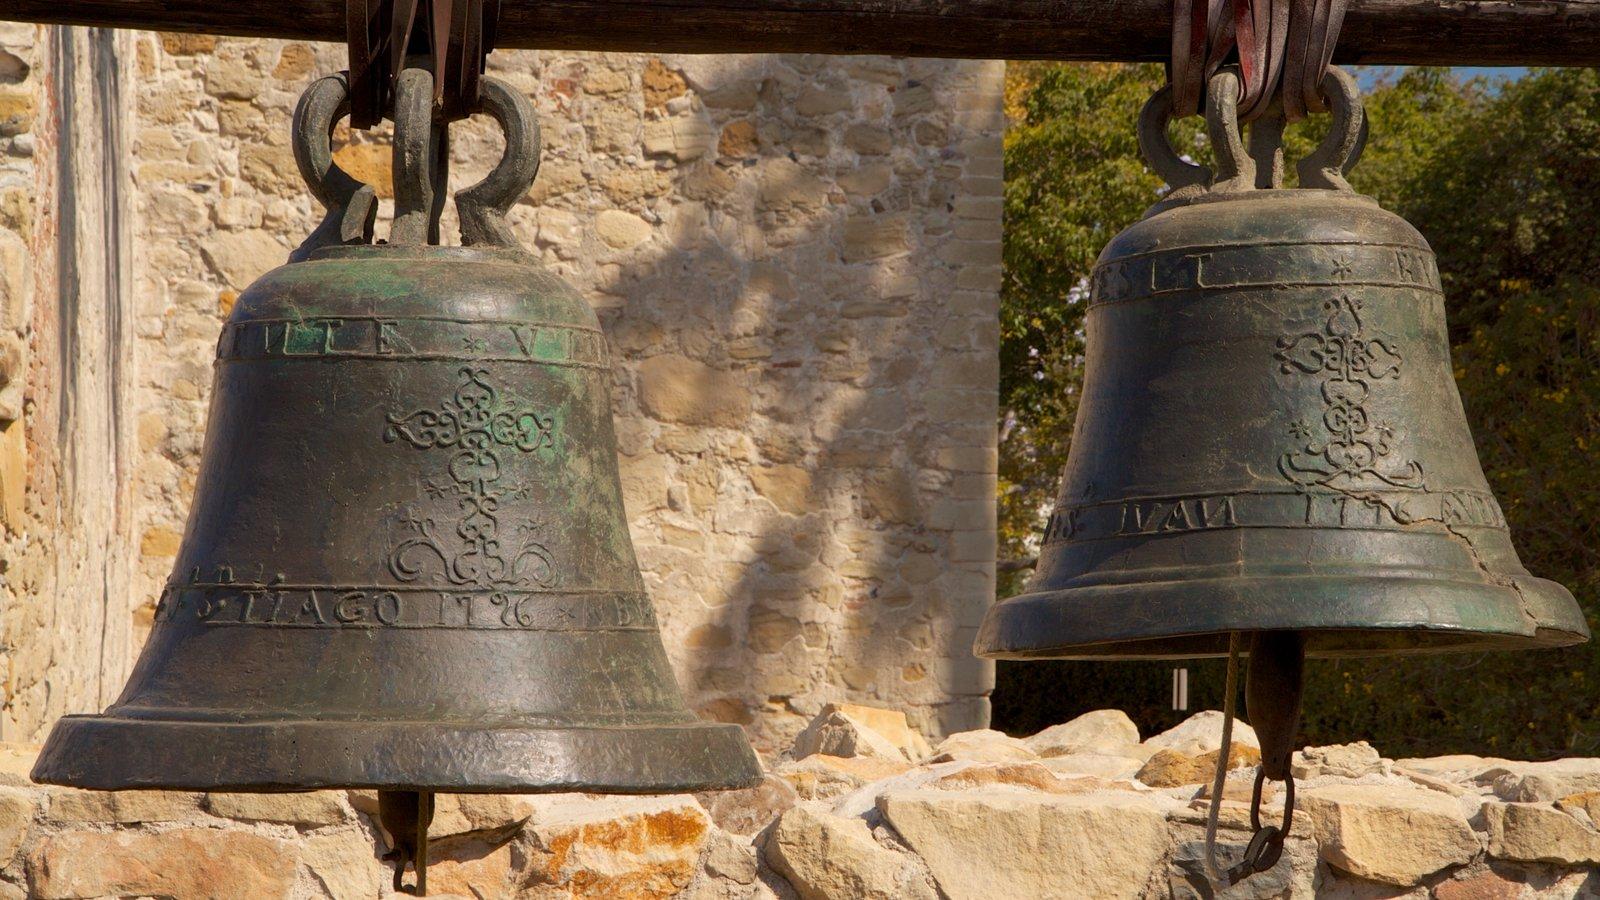 Mission San Juan Capistrano ofreciendo aspectos religiosos